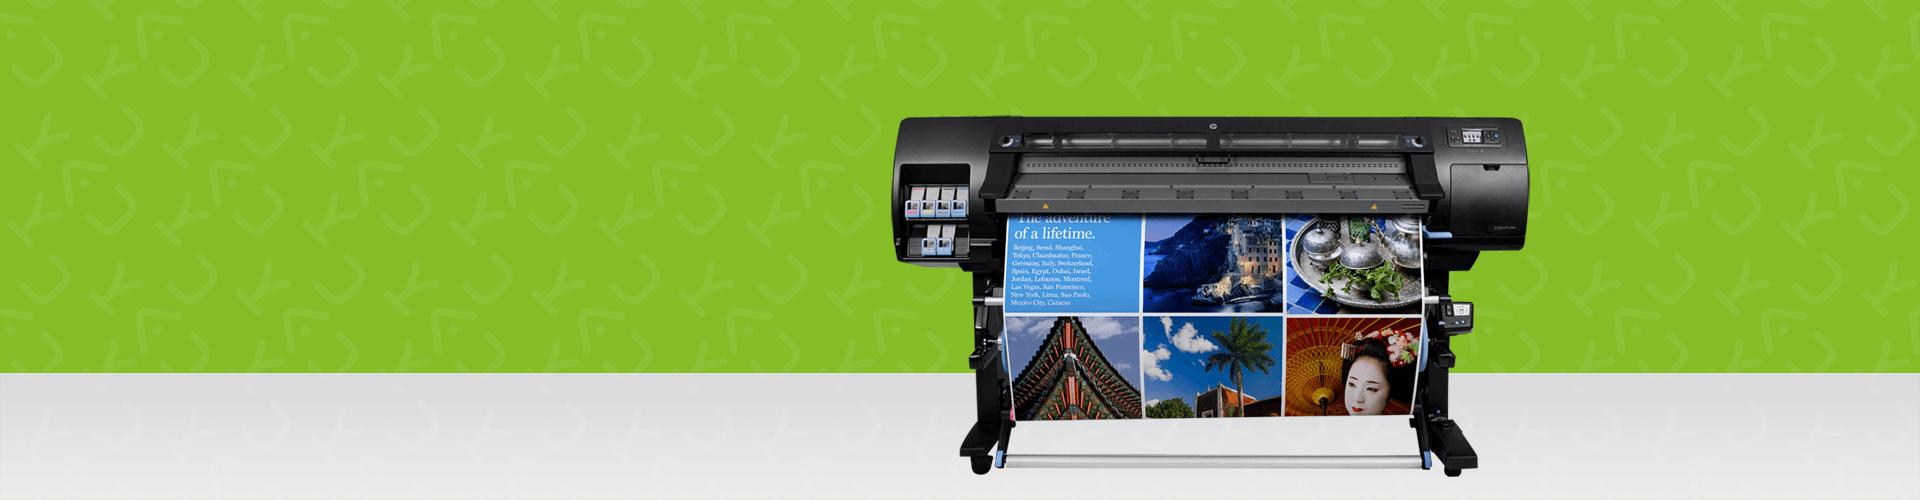 Digitaldruck, Grafik-Design, Beschriftung